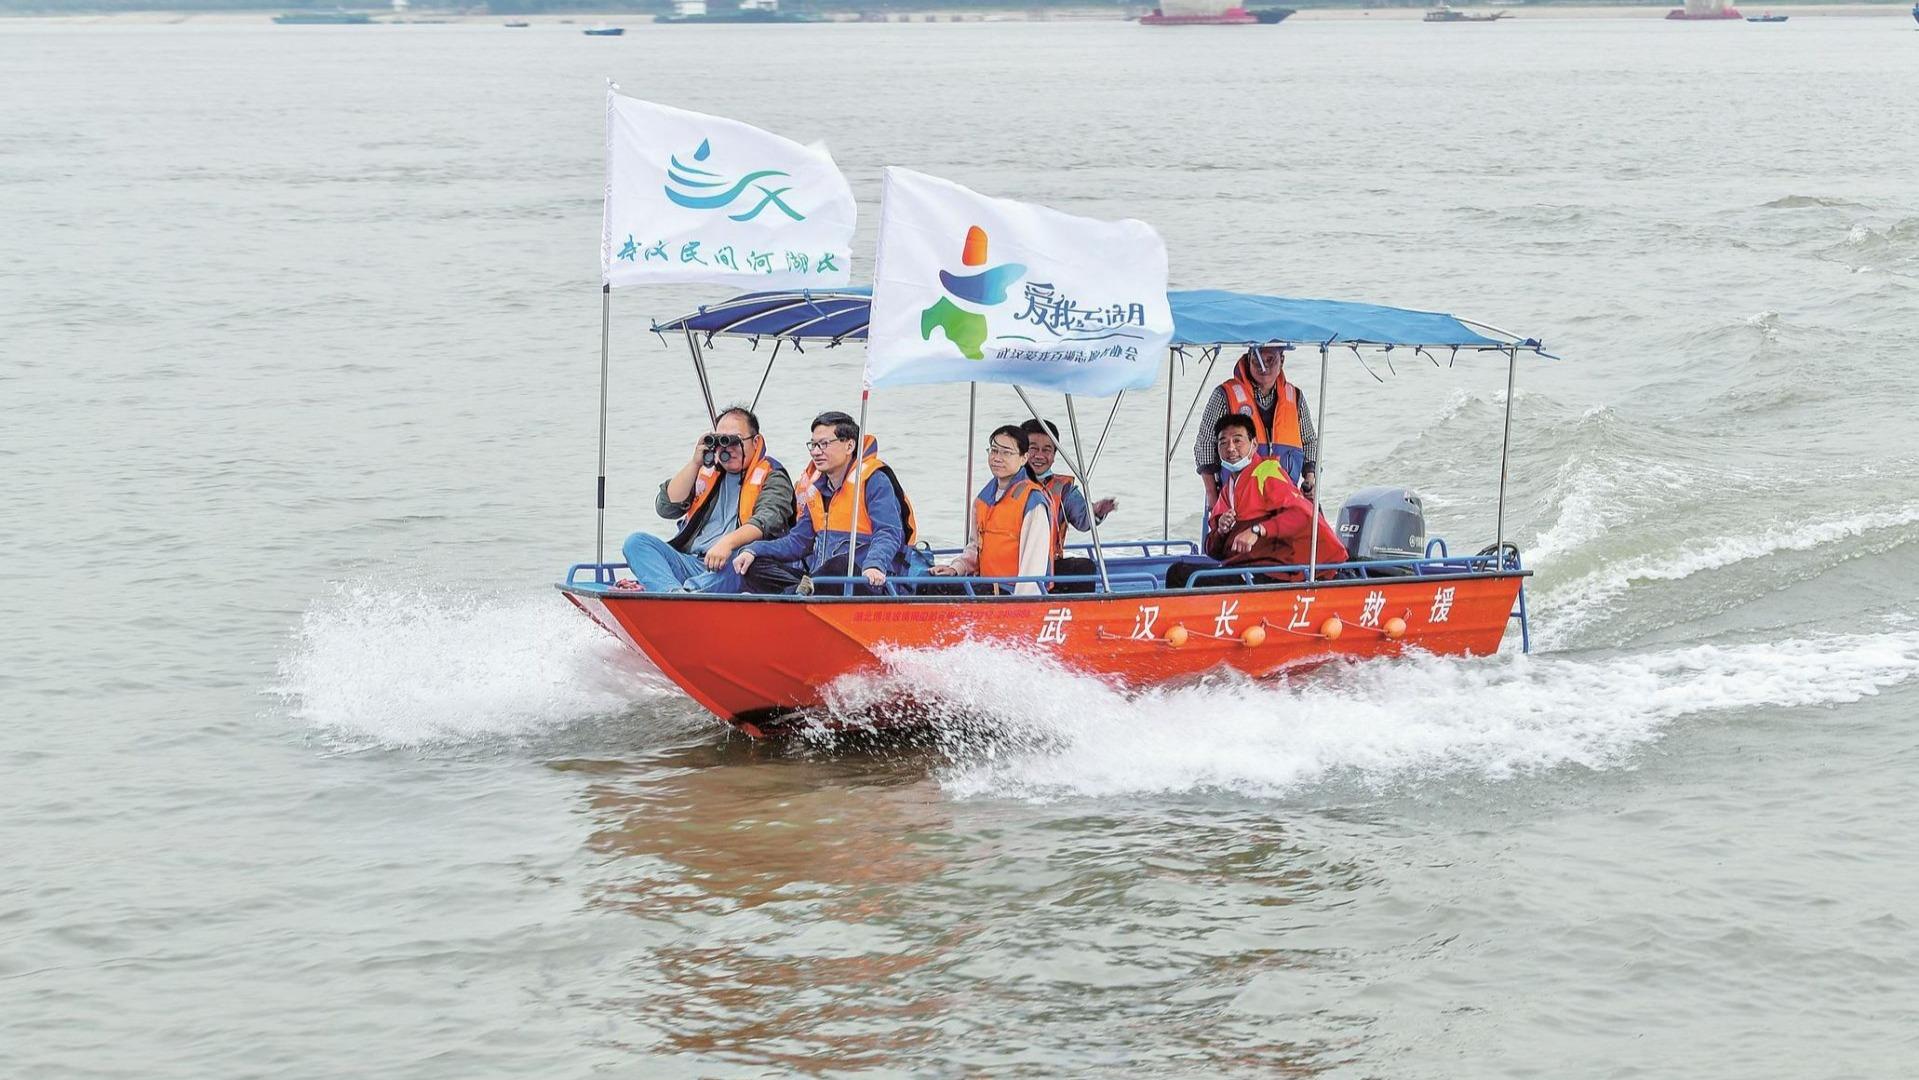 万名志愿者守望水环境 乘风破浪卫我河湖